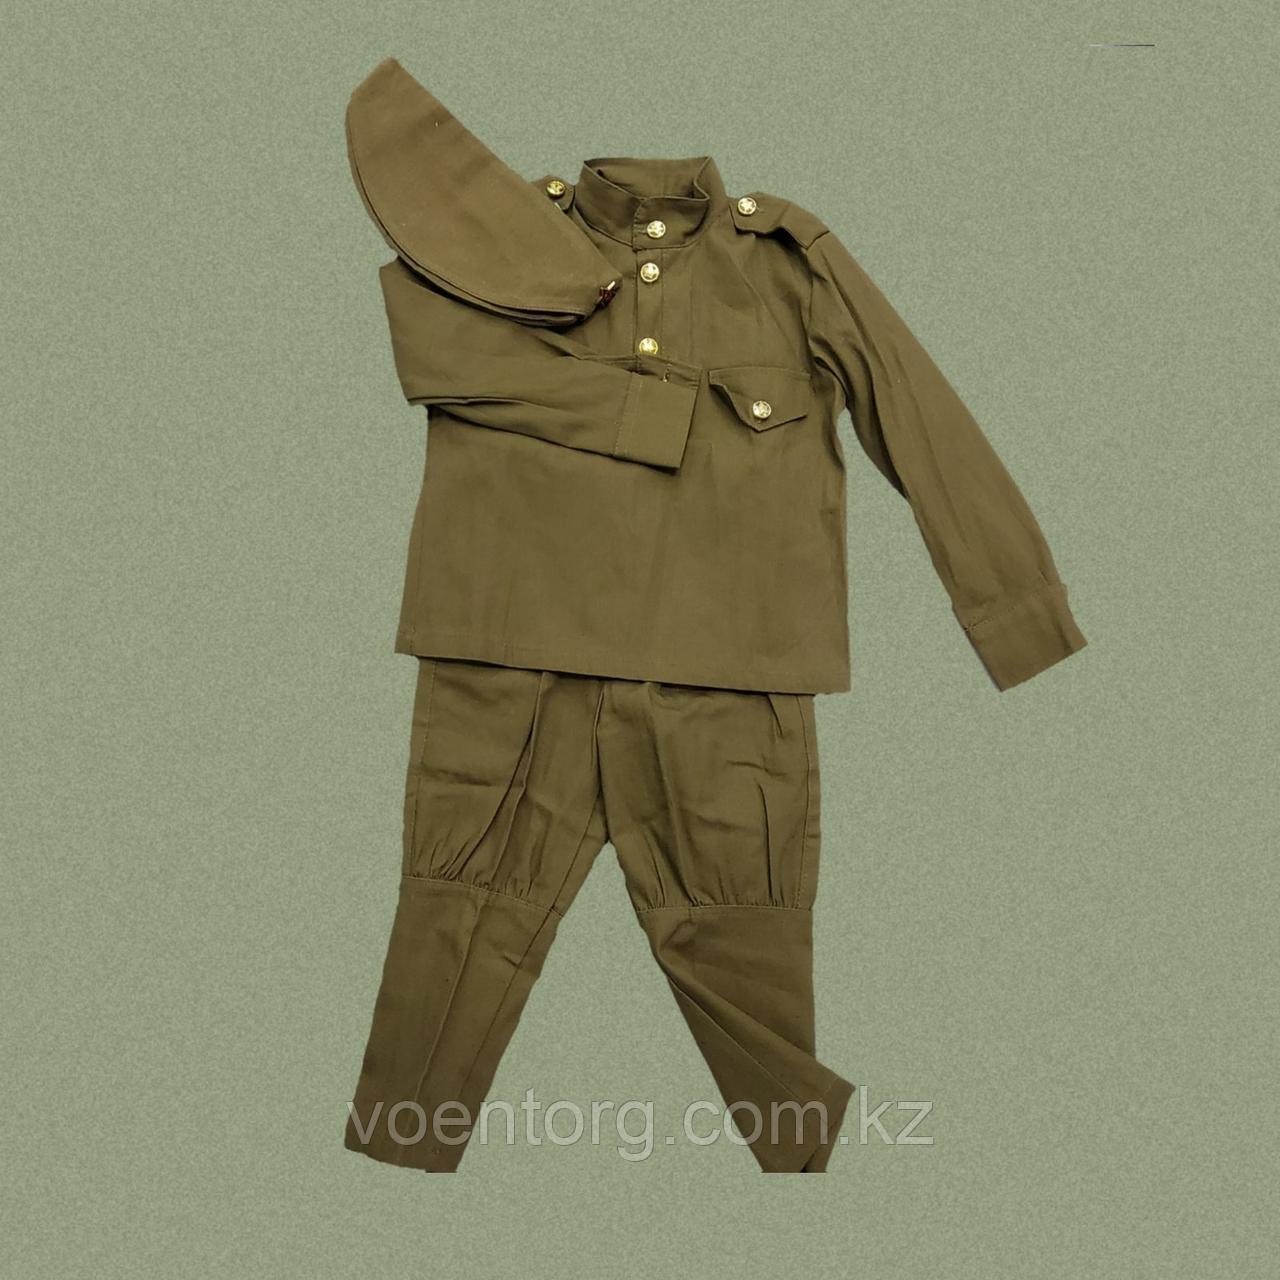 Детский военный костюм для мальчика - фото 1